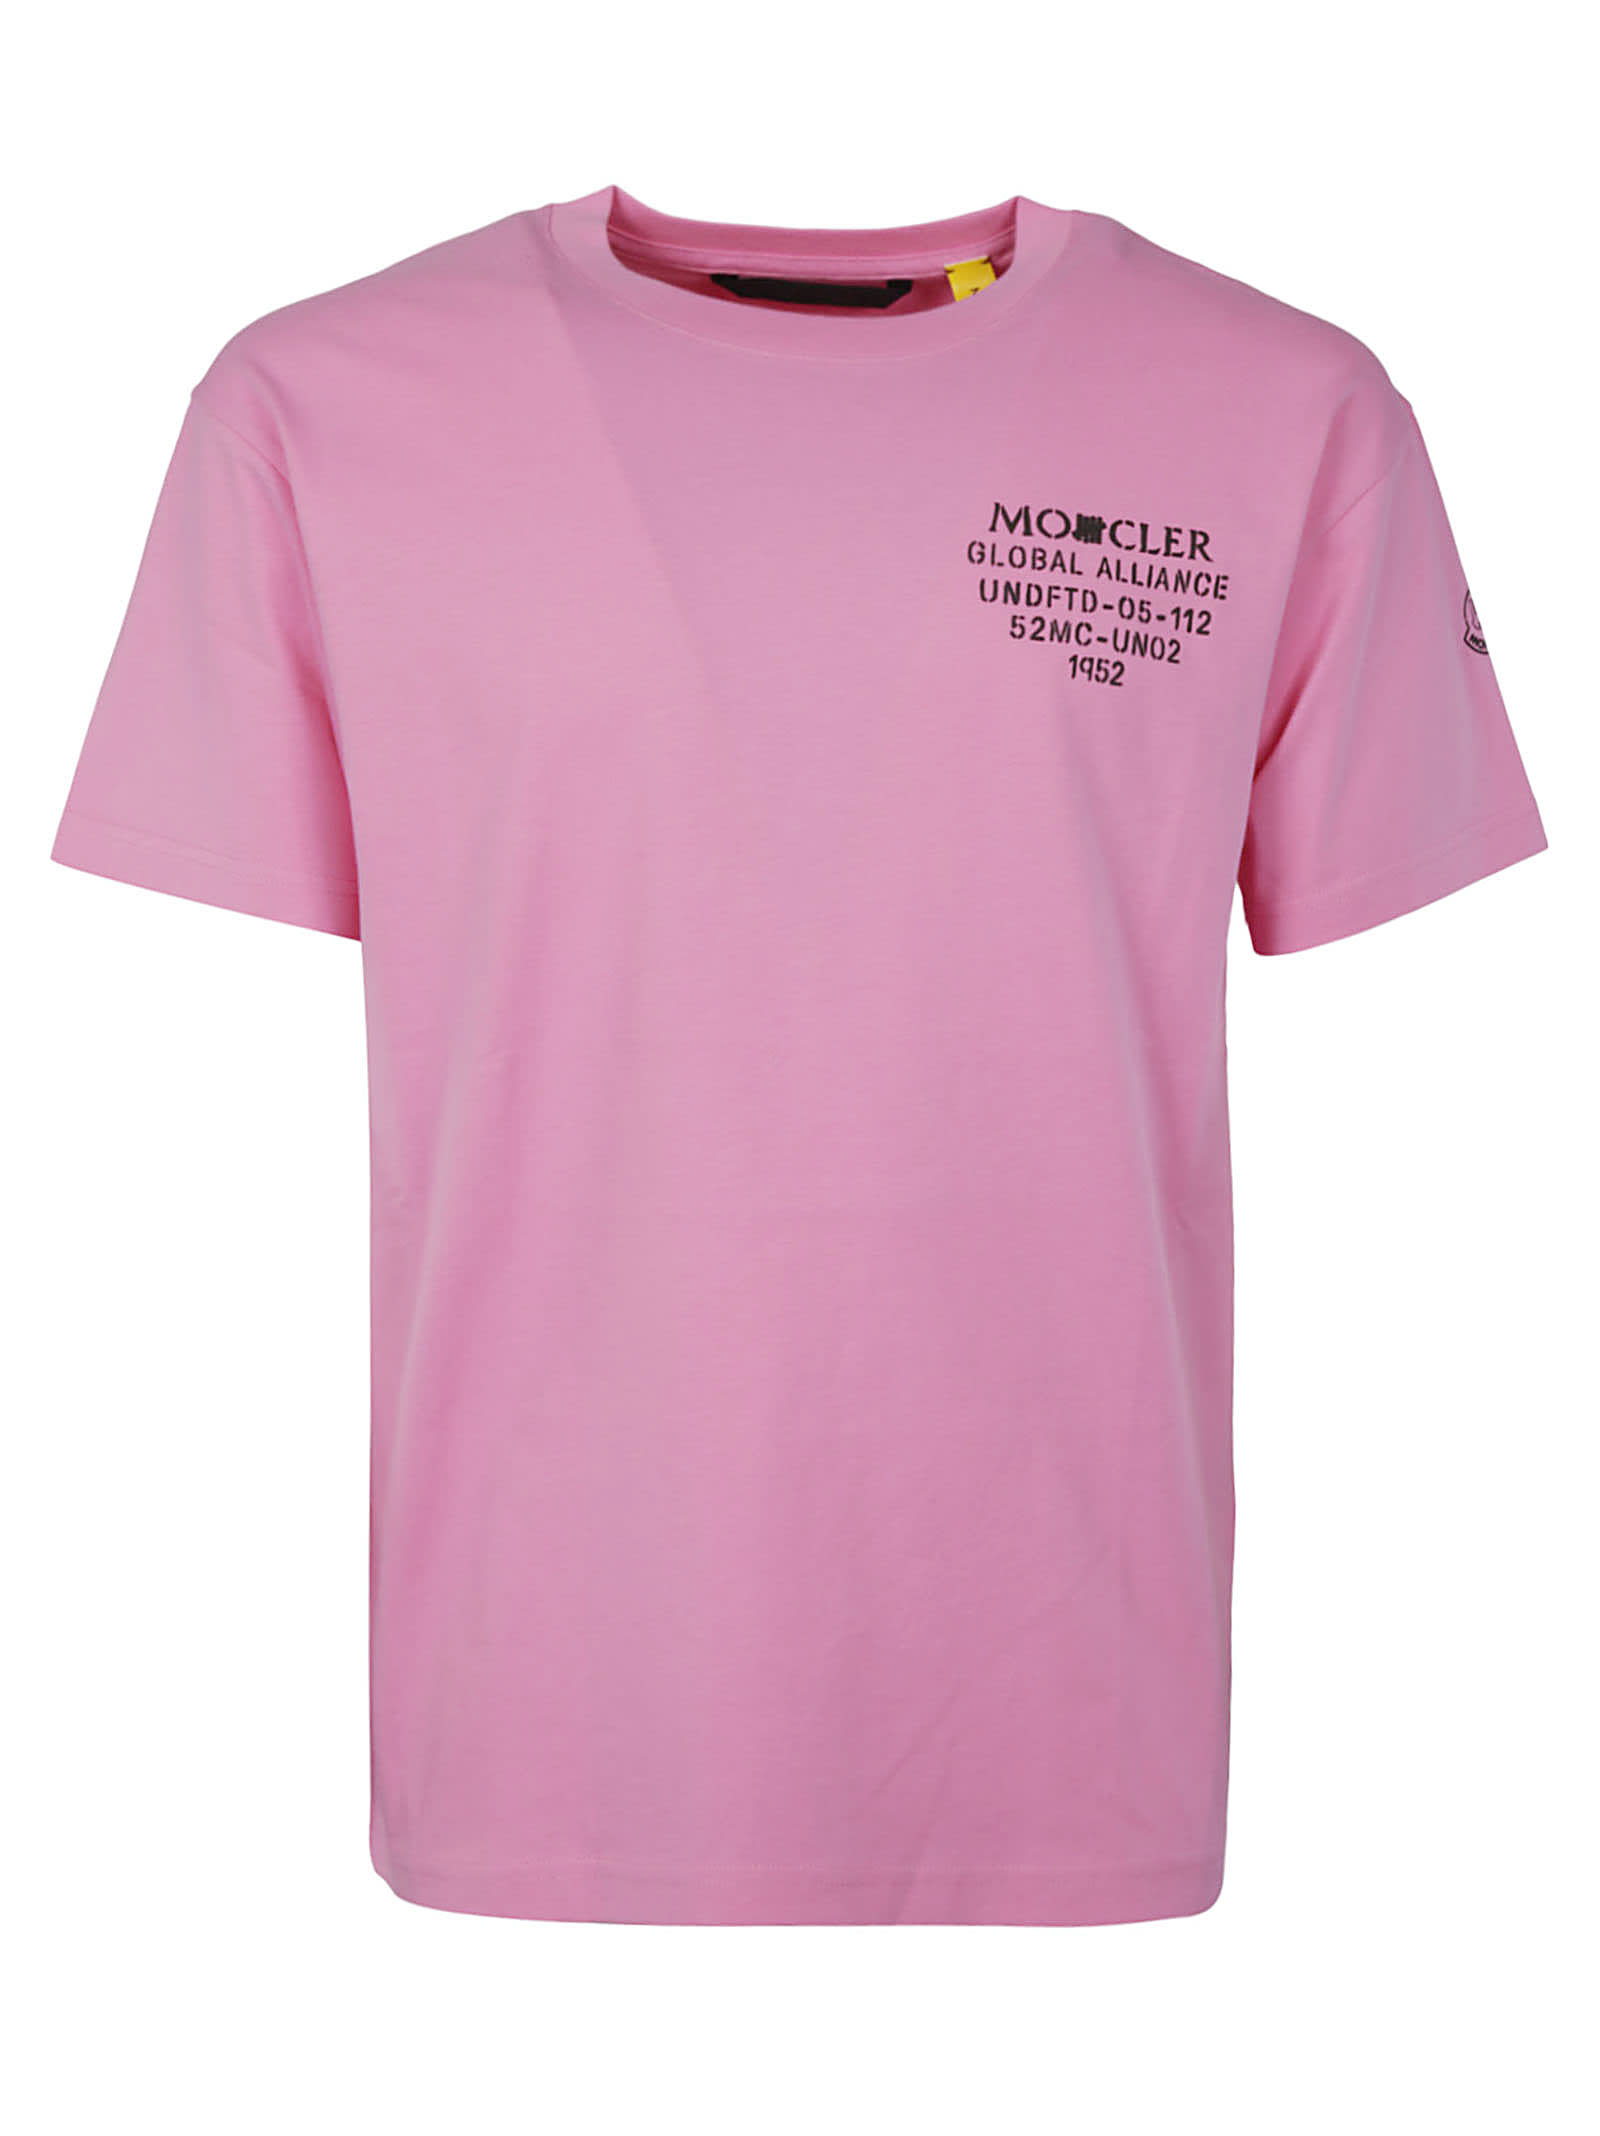 Moncler Genius Rear Logo T-shirt